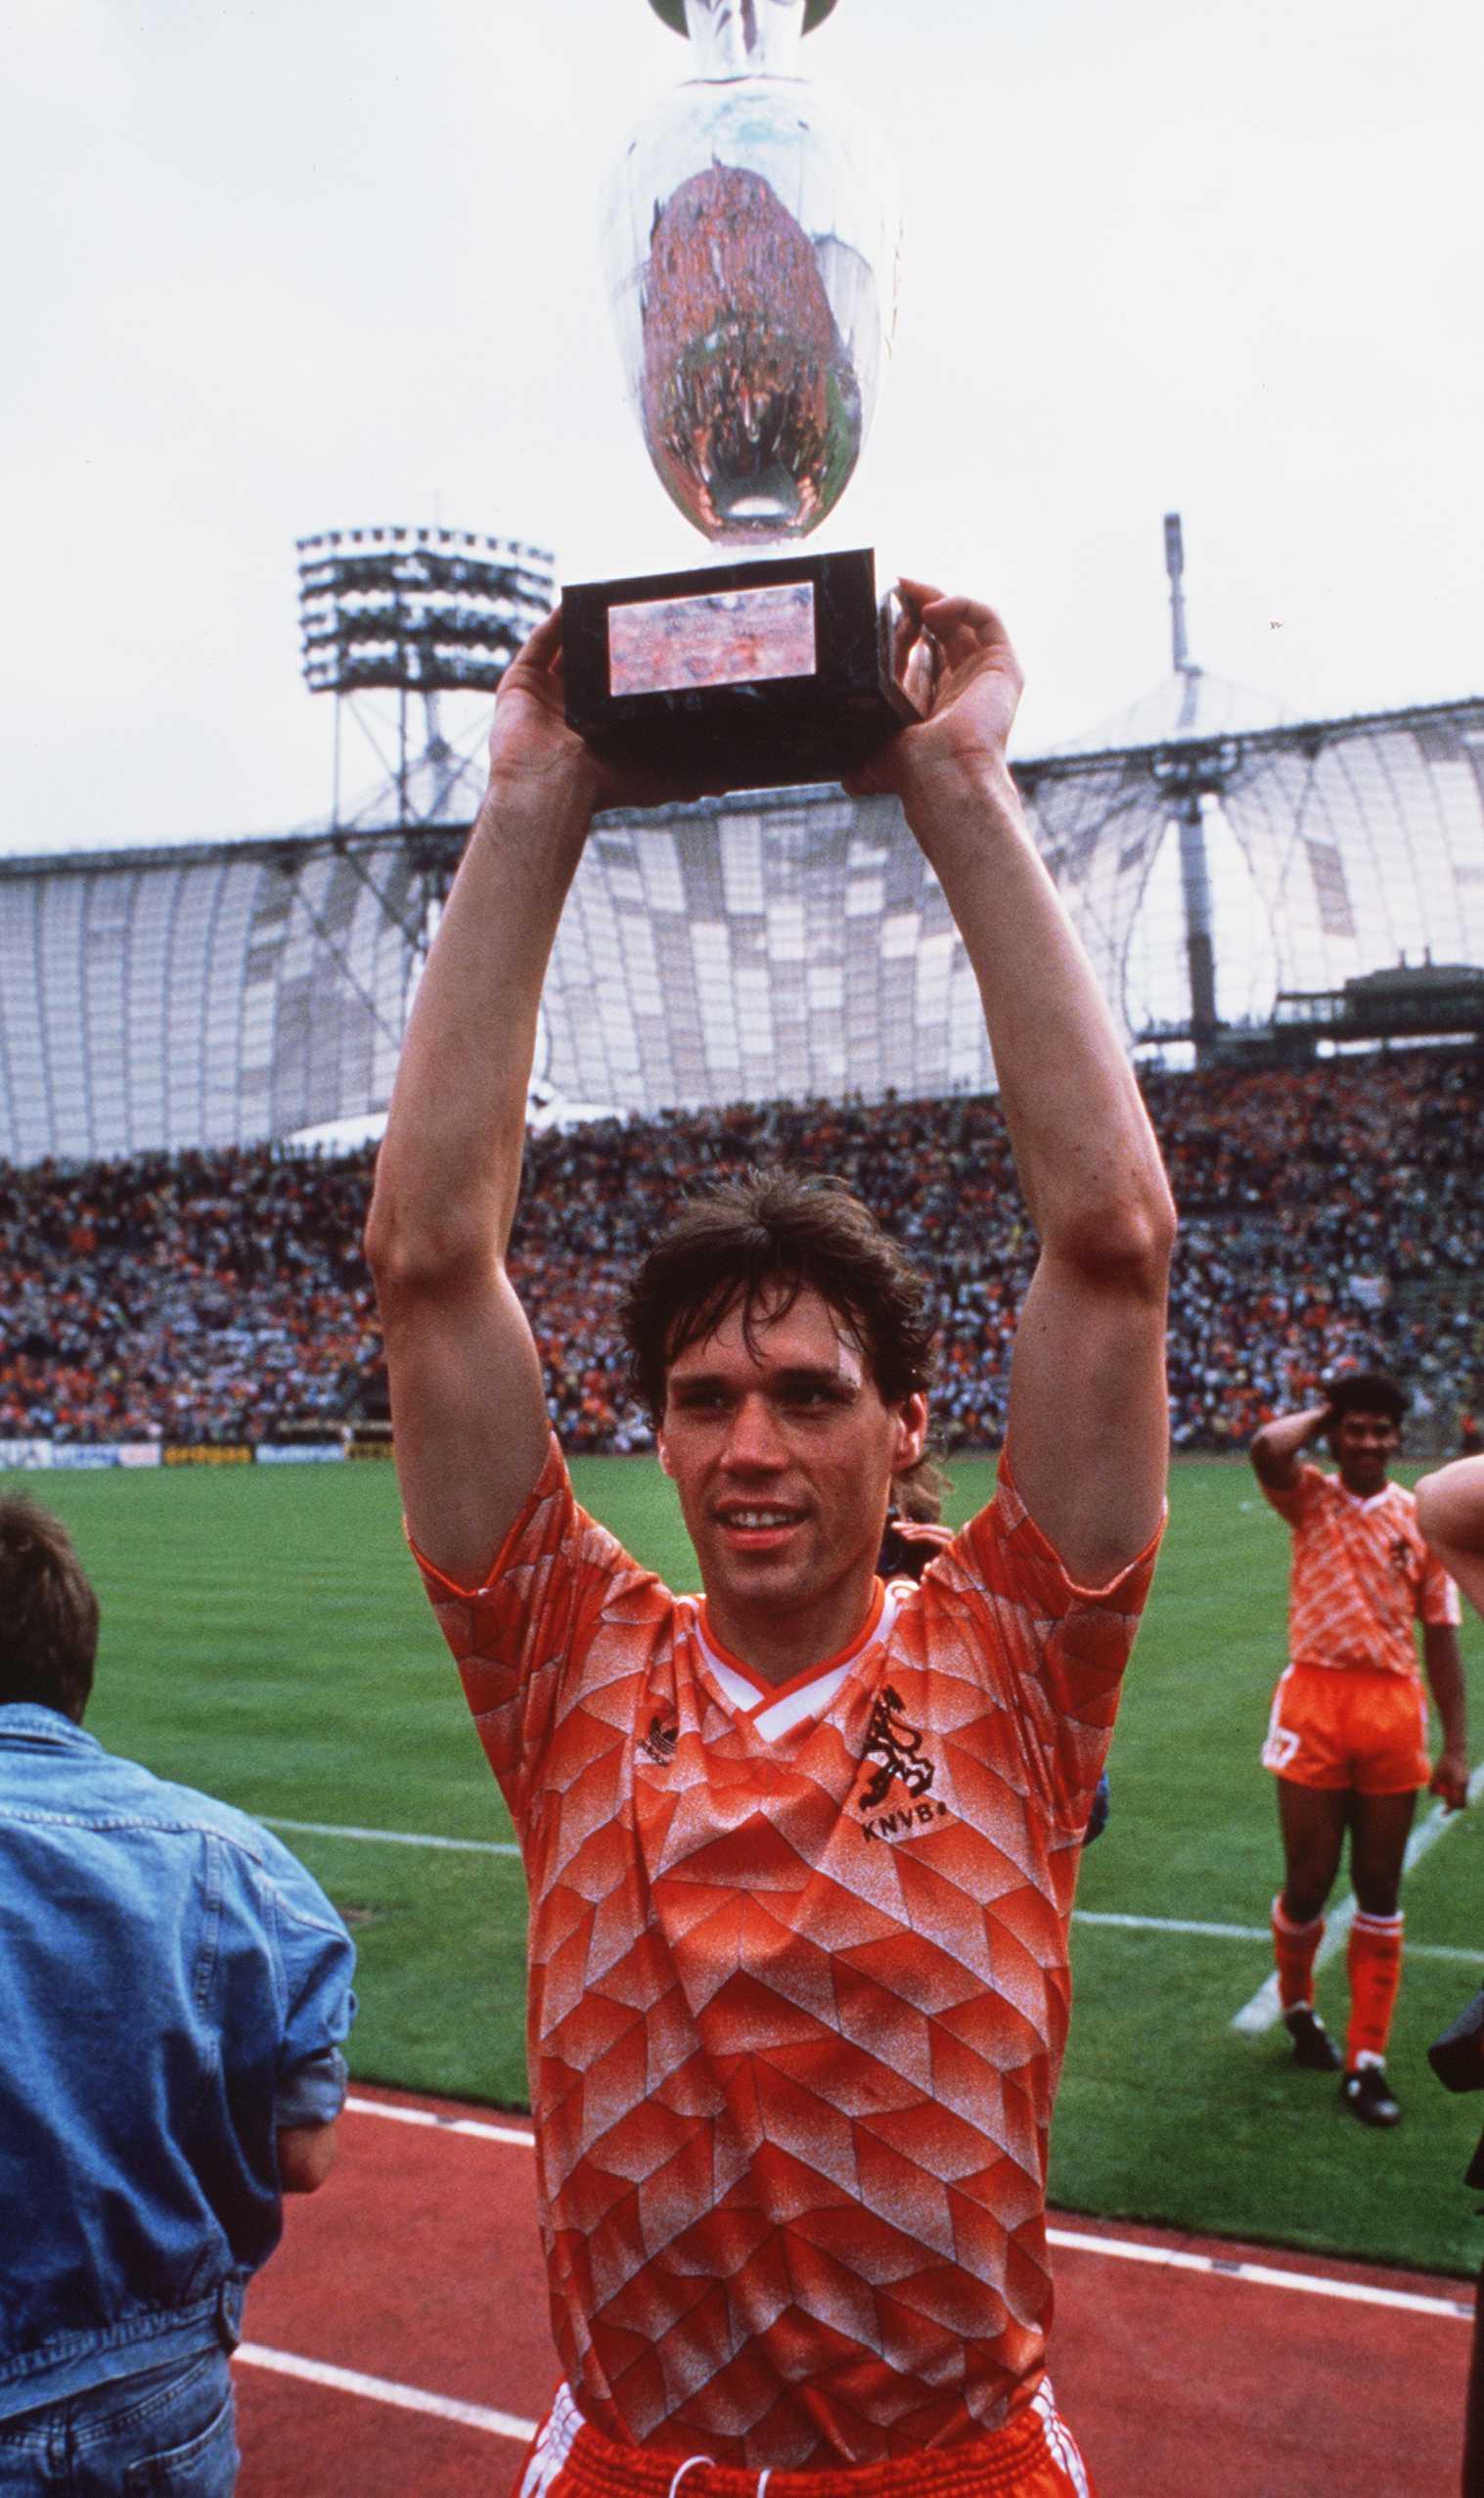 Holland's goalscoring hero Marco Van Basten lifts the European Championships trophy in 1988